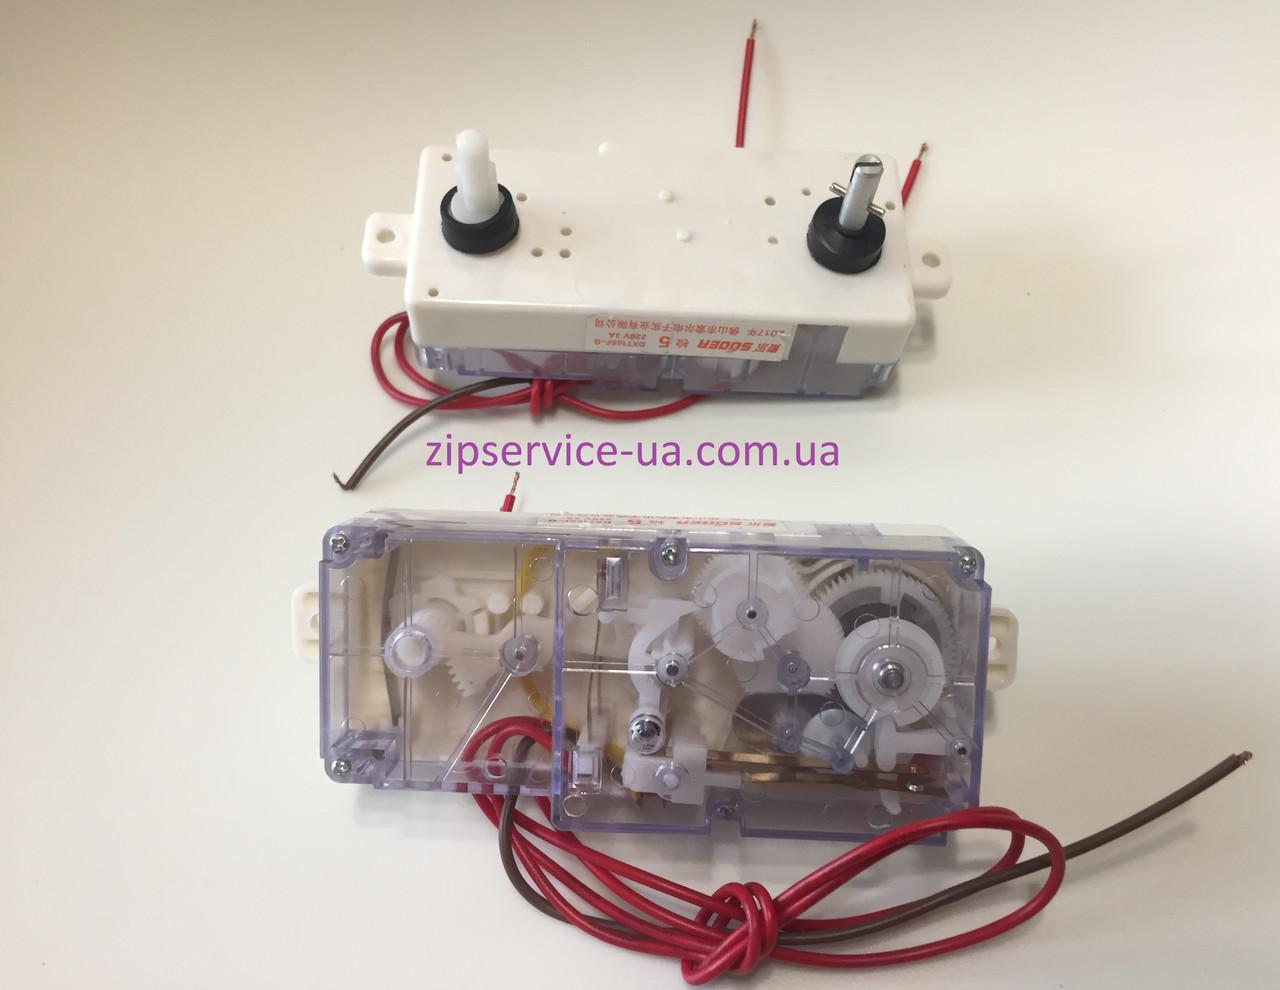 Таймер часу DXT 15D2 подвійний для пральної машини